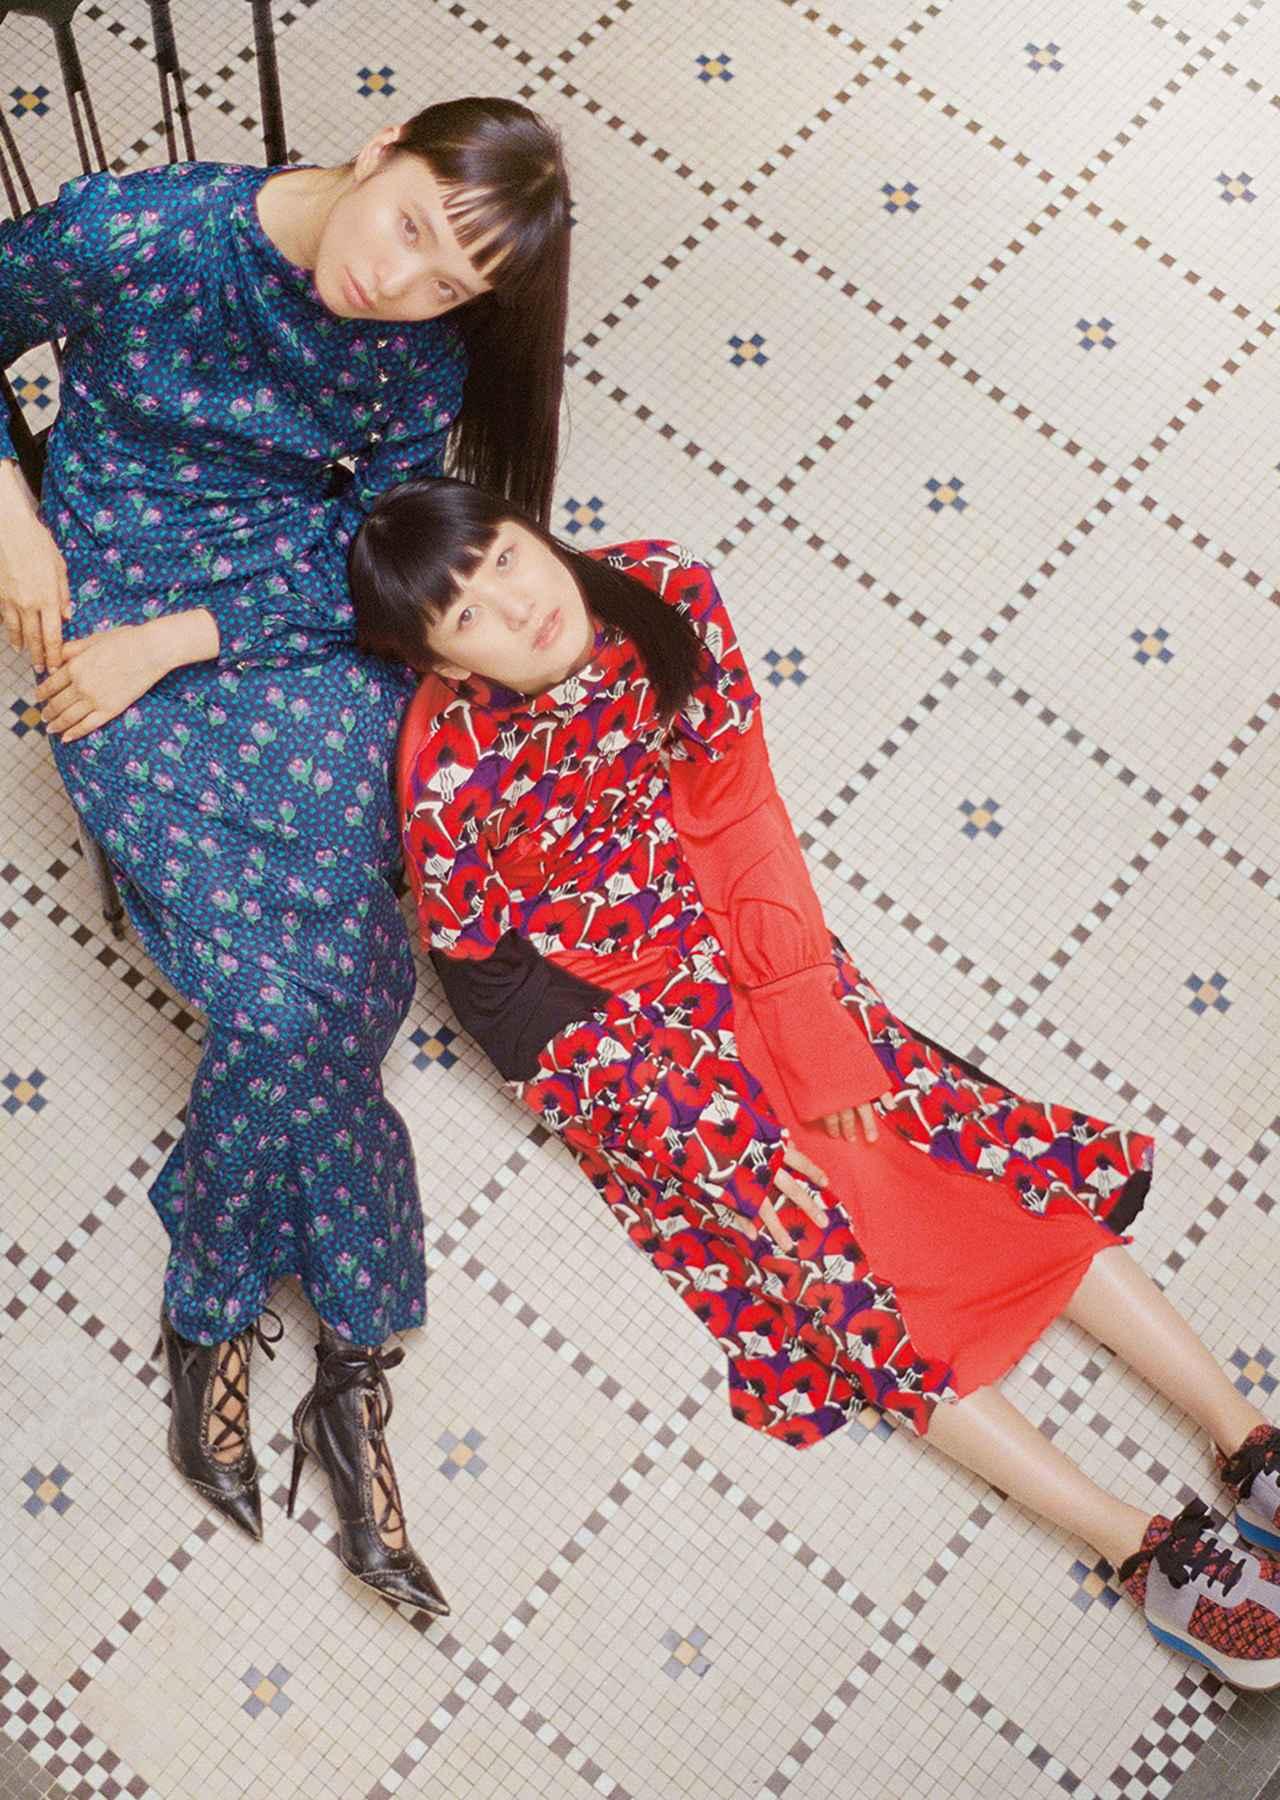 Images : 6番目の画像 - 「日々是好日、ドレス日和 ―― 明日からドレスで自由に生きる」のアルバム - T JAPAN:The New York Times Style Magazine 公式サイト